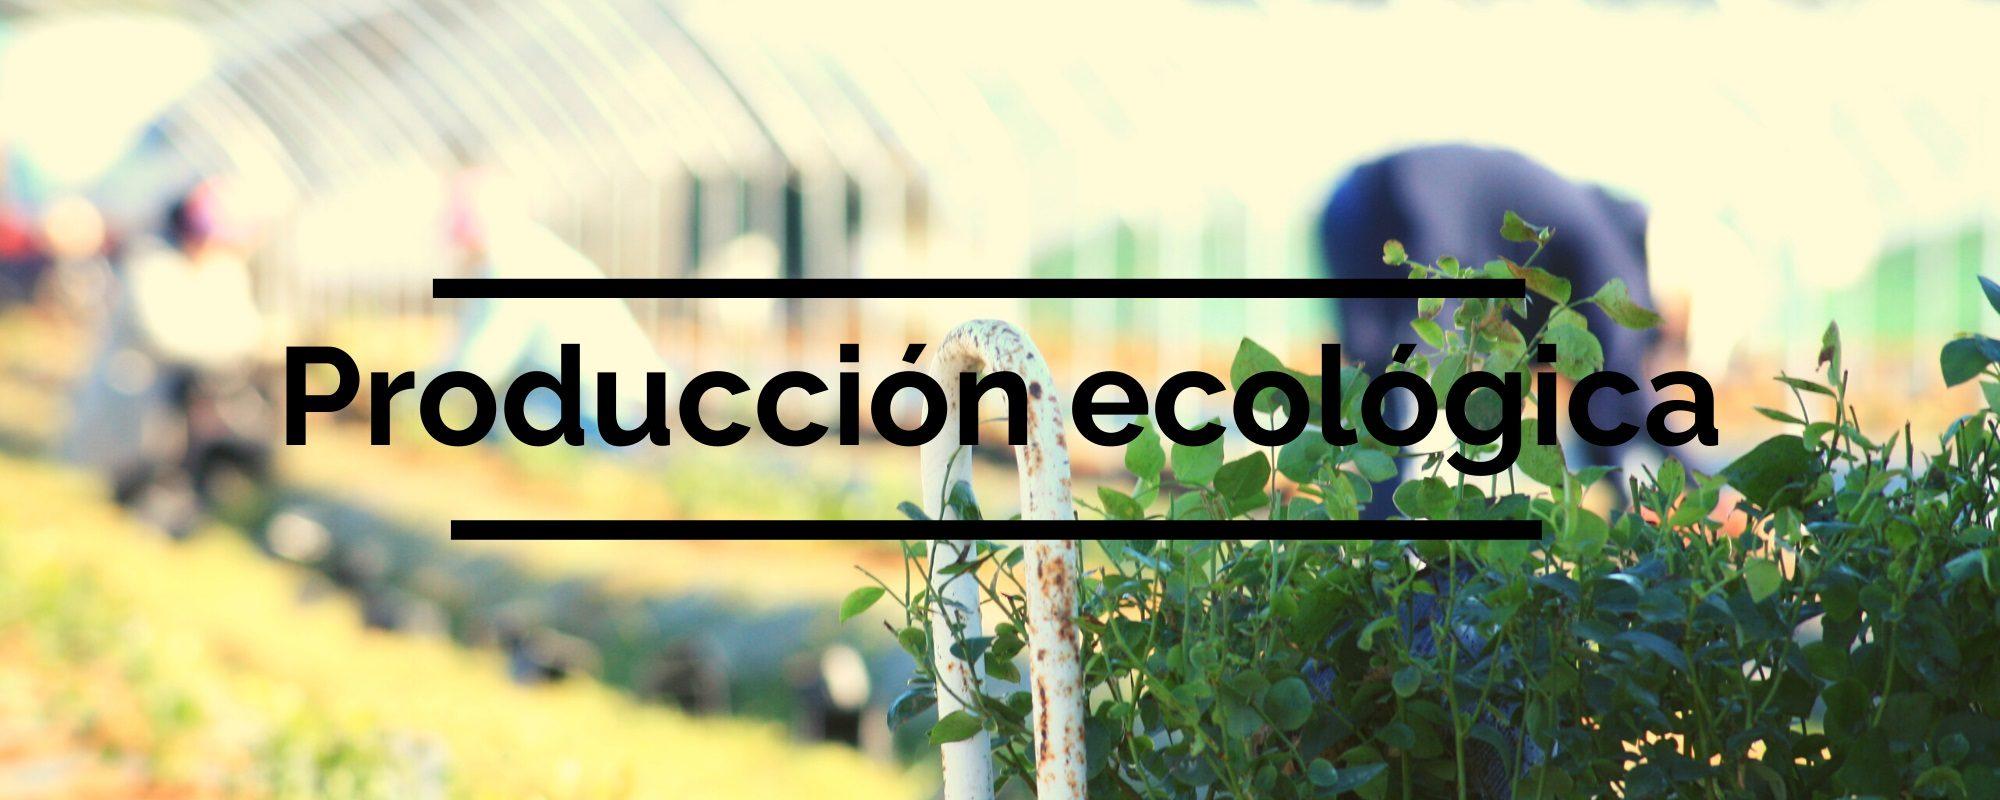 agroecologica-el-origen-produccion-ecologica-01